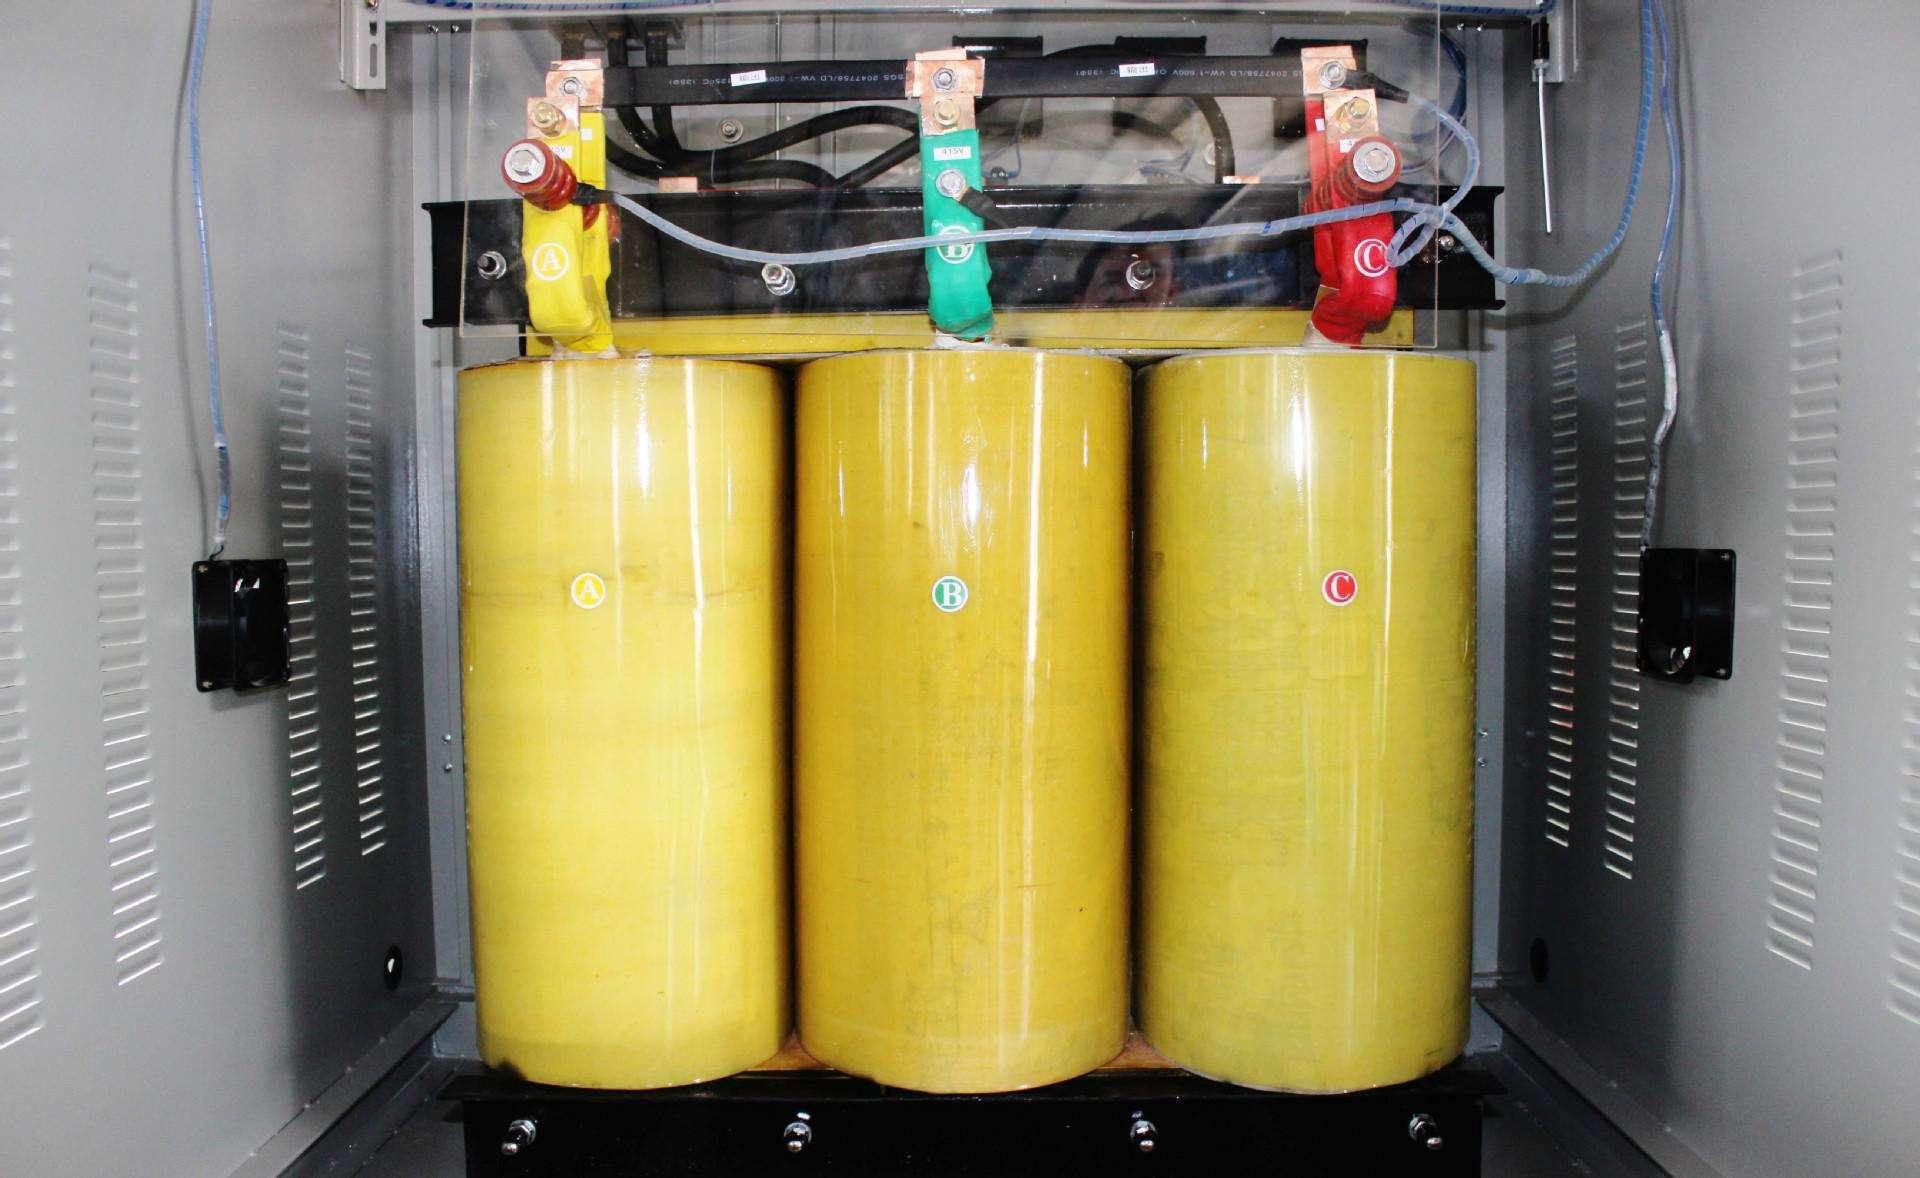 当三相电接反会对变压器有何危害?